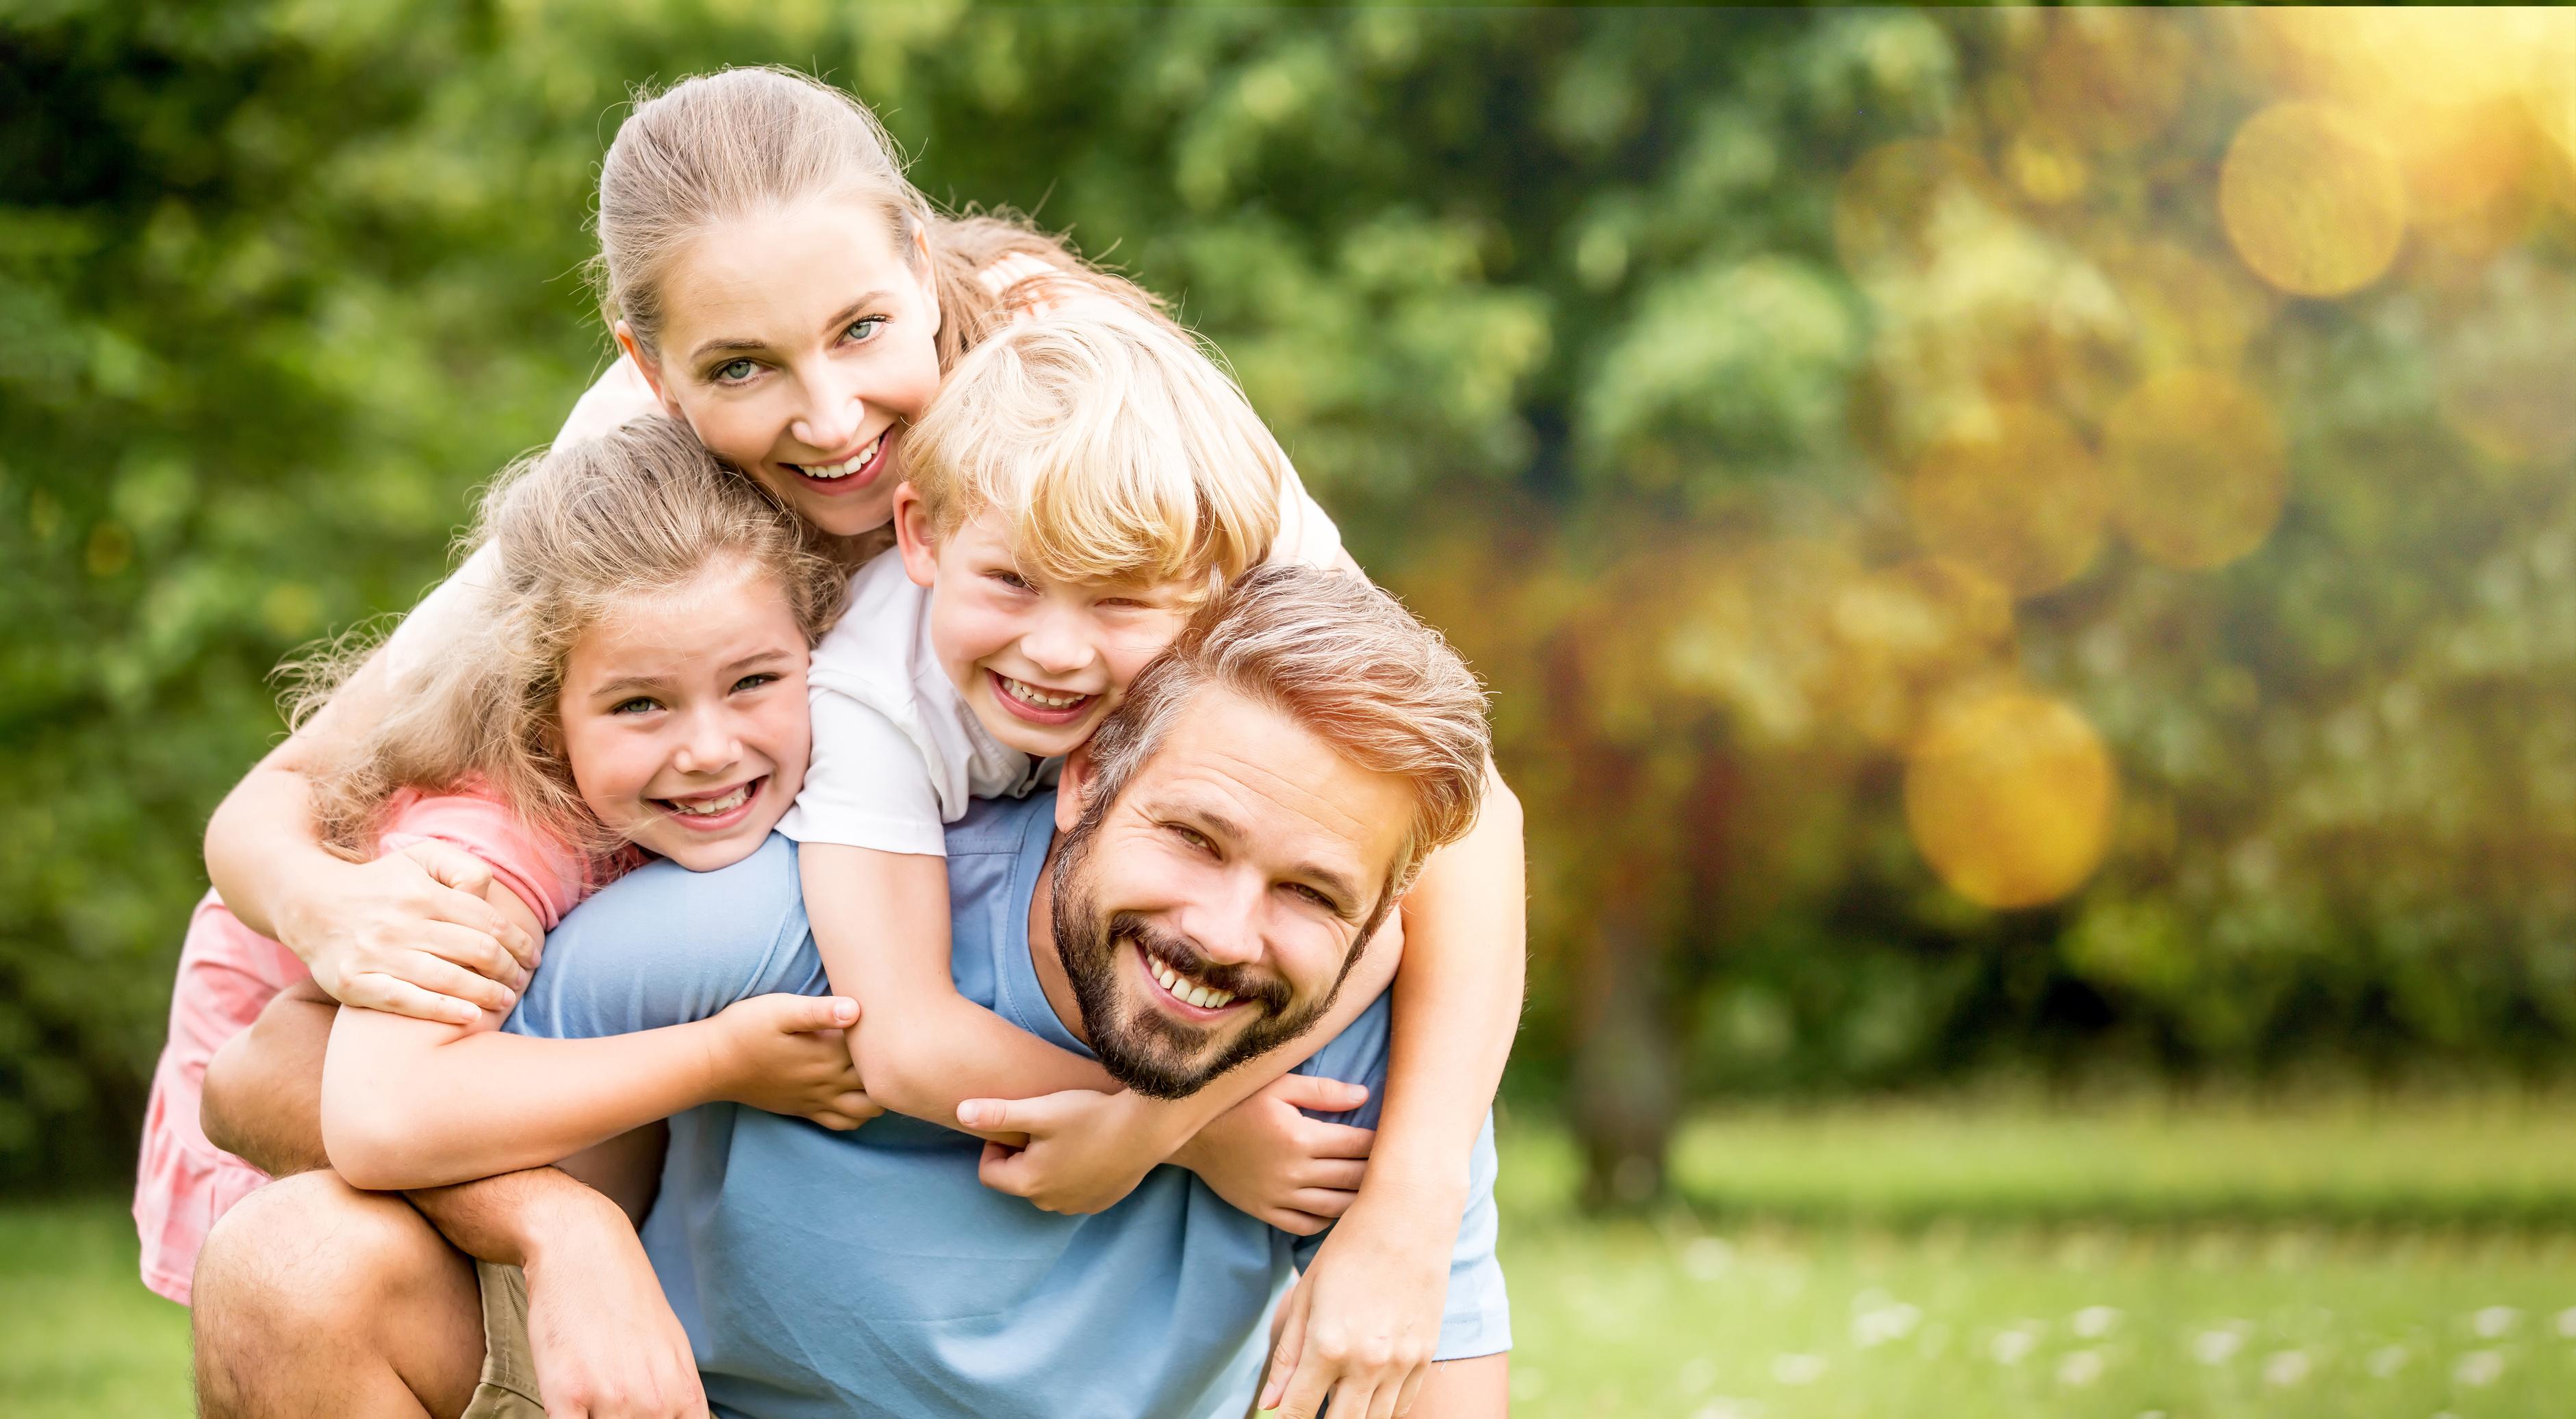 Eine Familie mit zwei Kindern lacht eng umschlungen in die Kamera